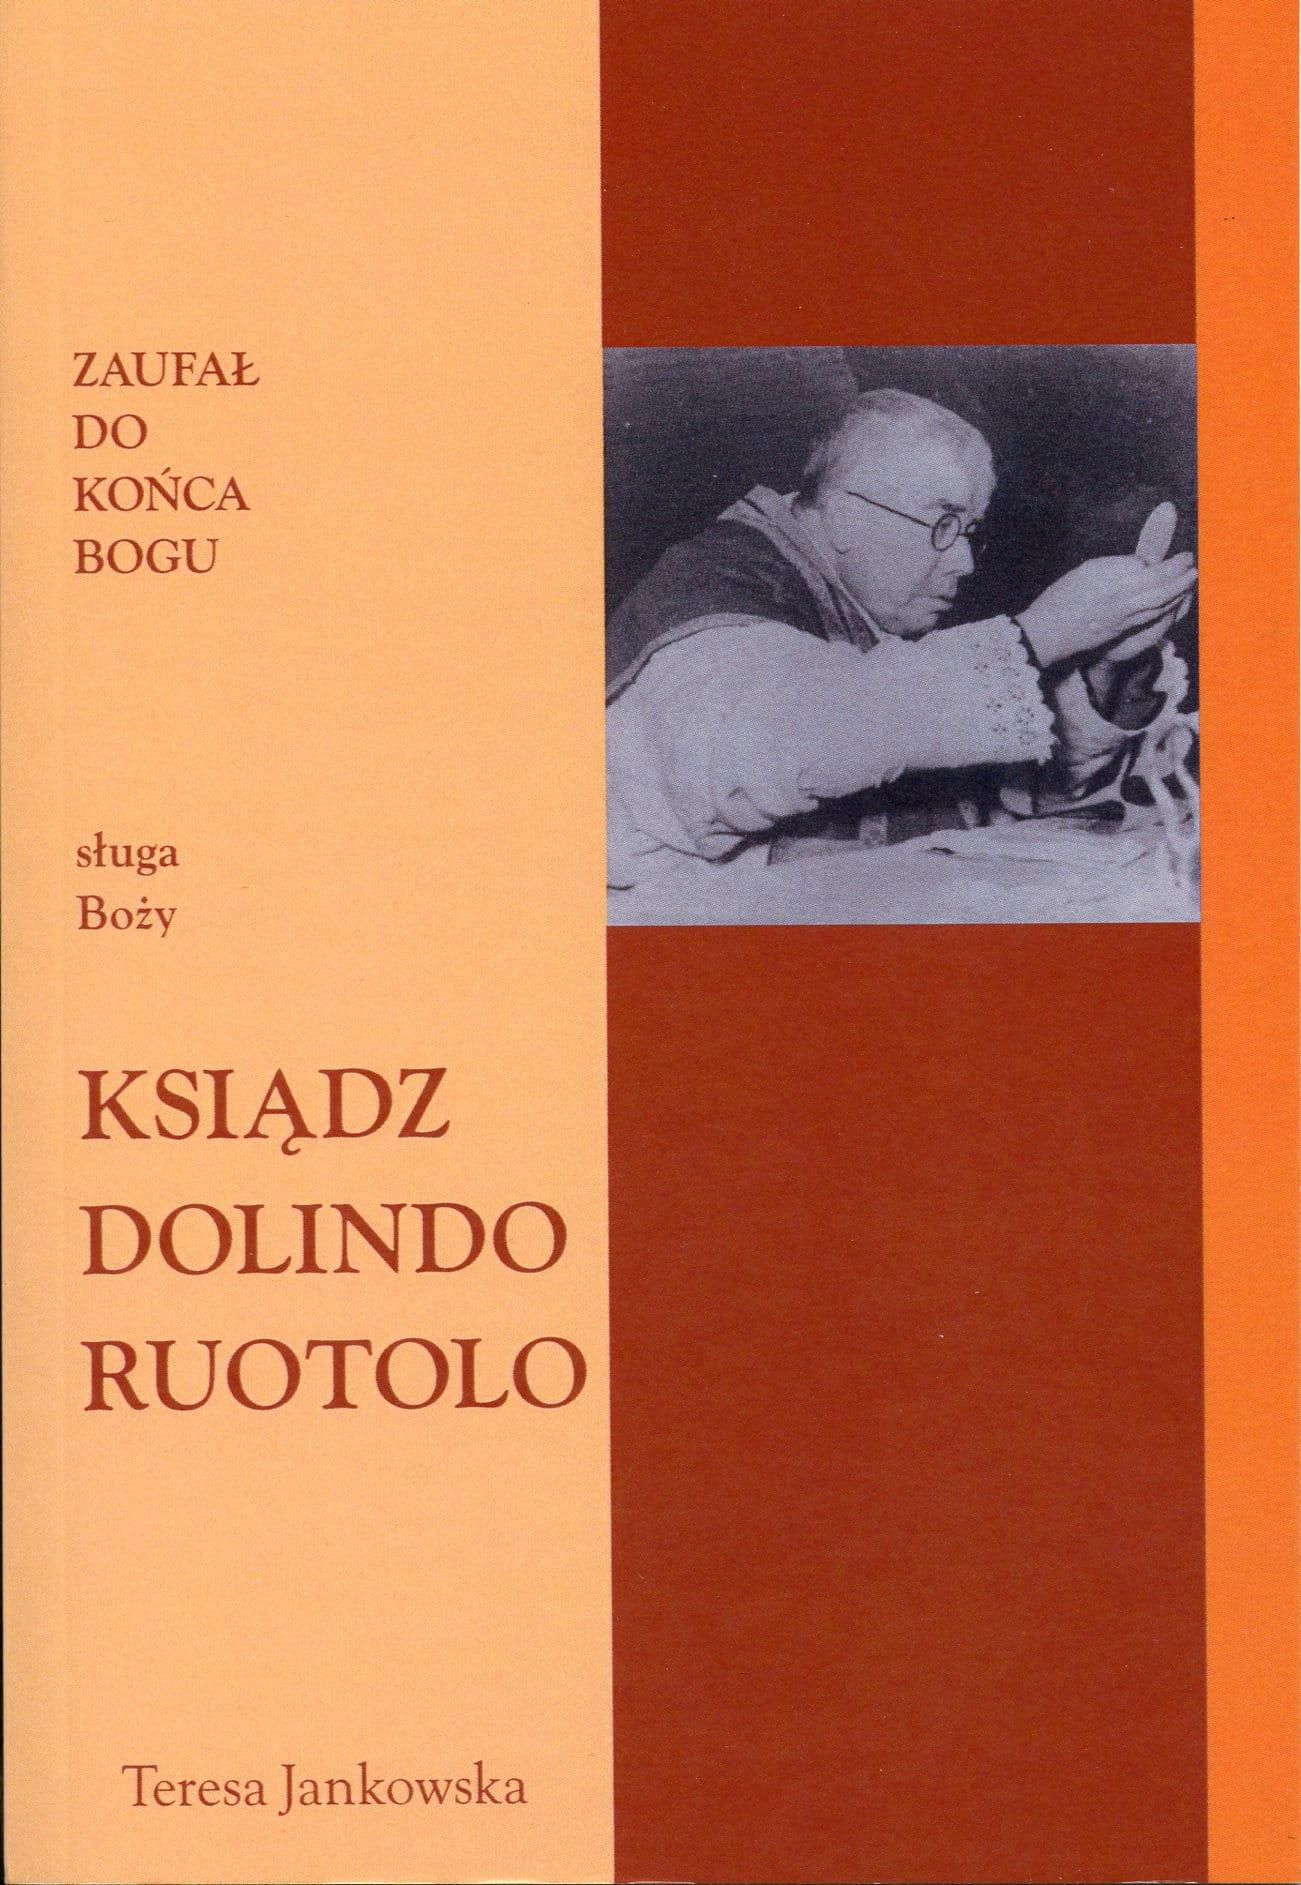 Zaufał do końca Bogu. Ks. Dolindo Ruotolo